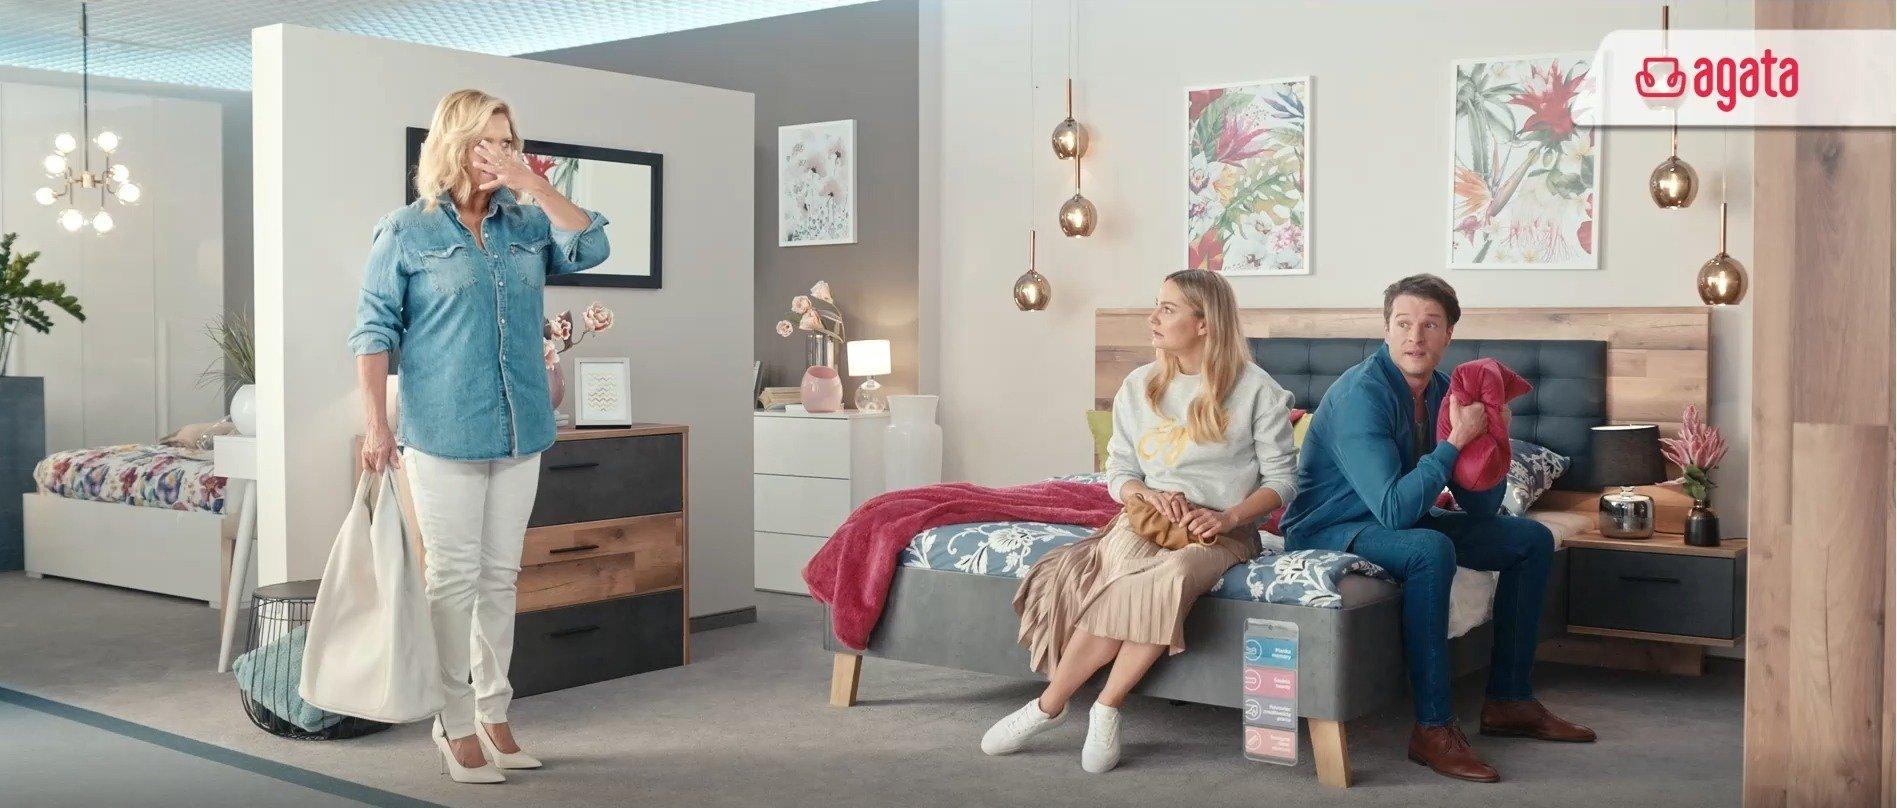 Kolejne perypetie Synowej i Teściowej: Salony Agata z nowym spotem reklamowym